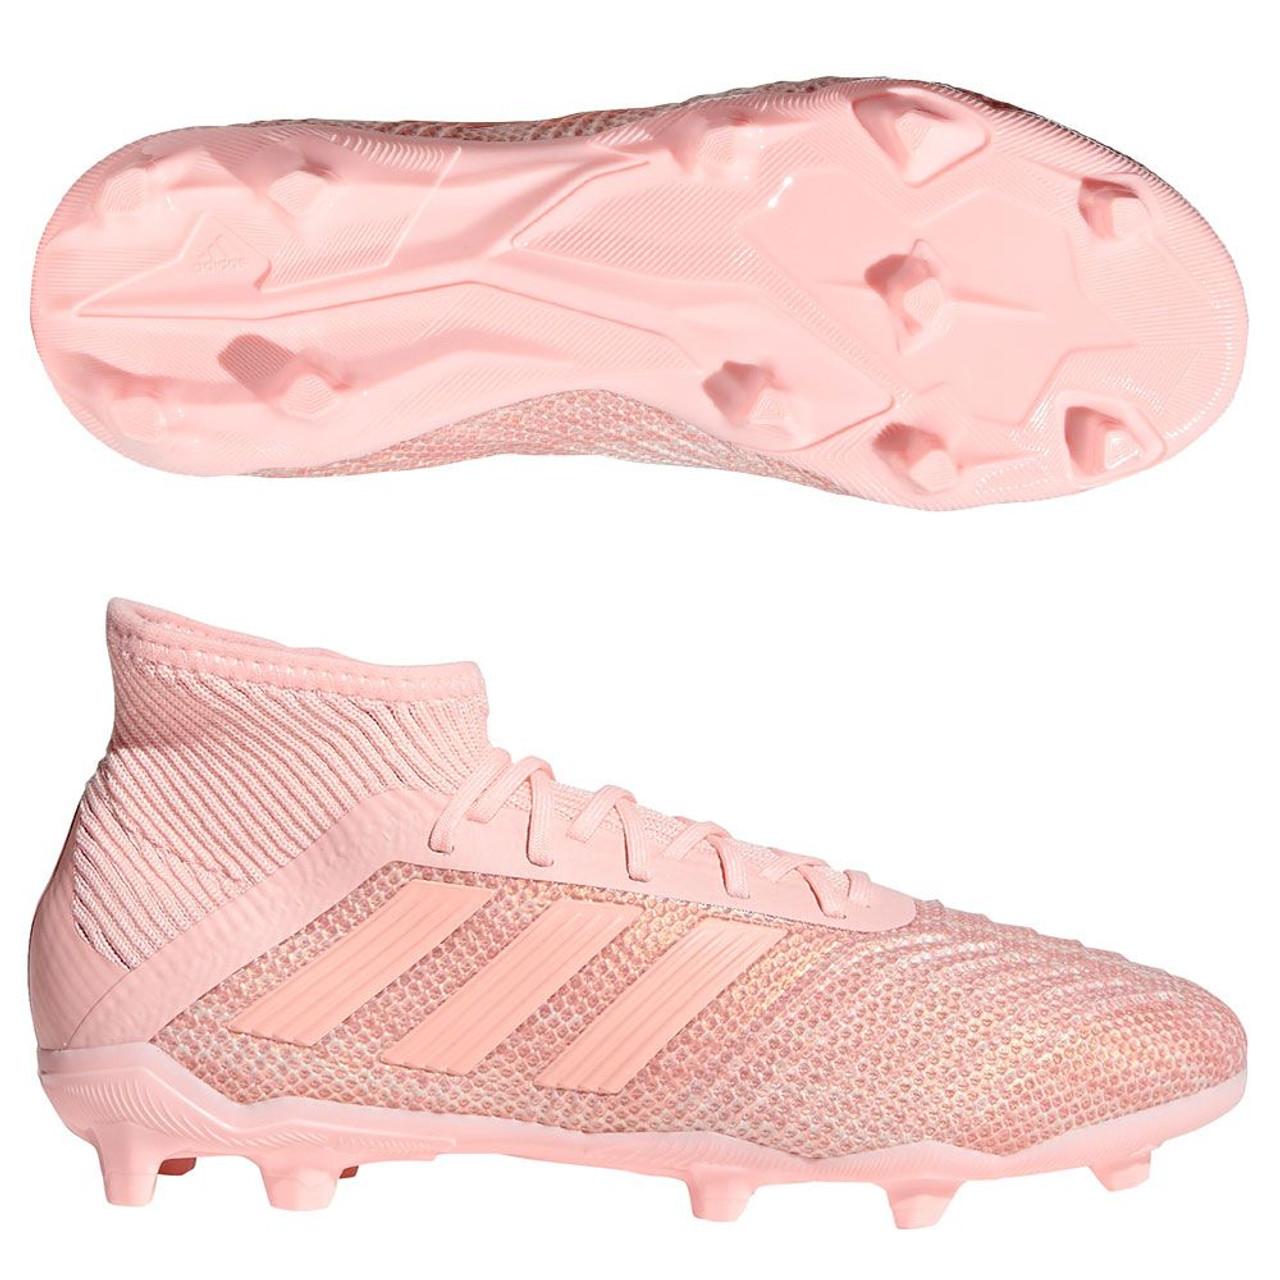 37a8aa8ffb4 ... adidas predator 18.1 fg junior clear orange trace pink soccer plus